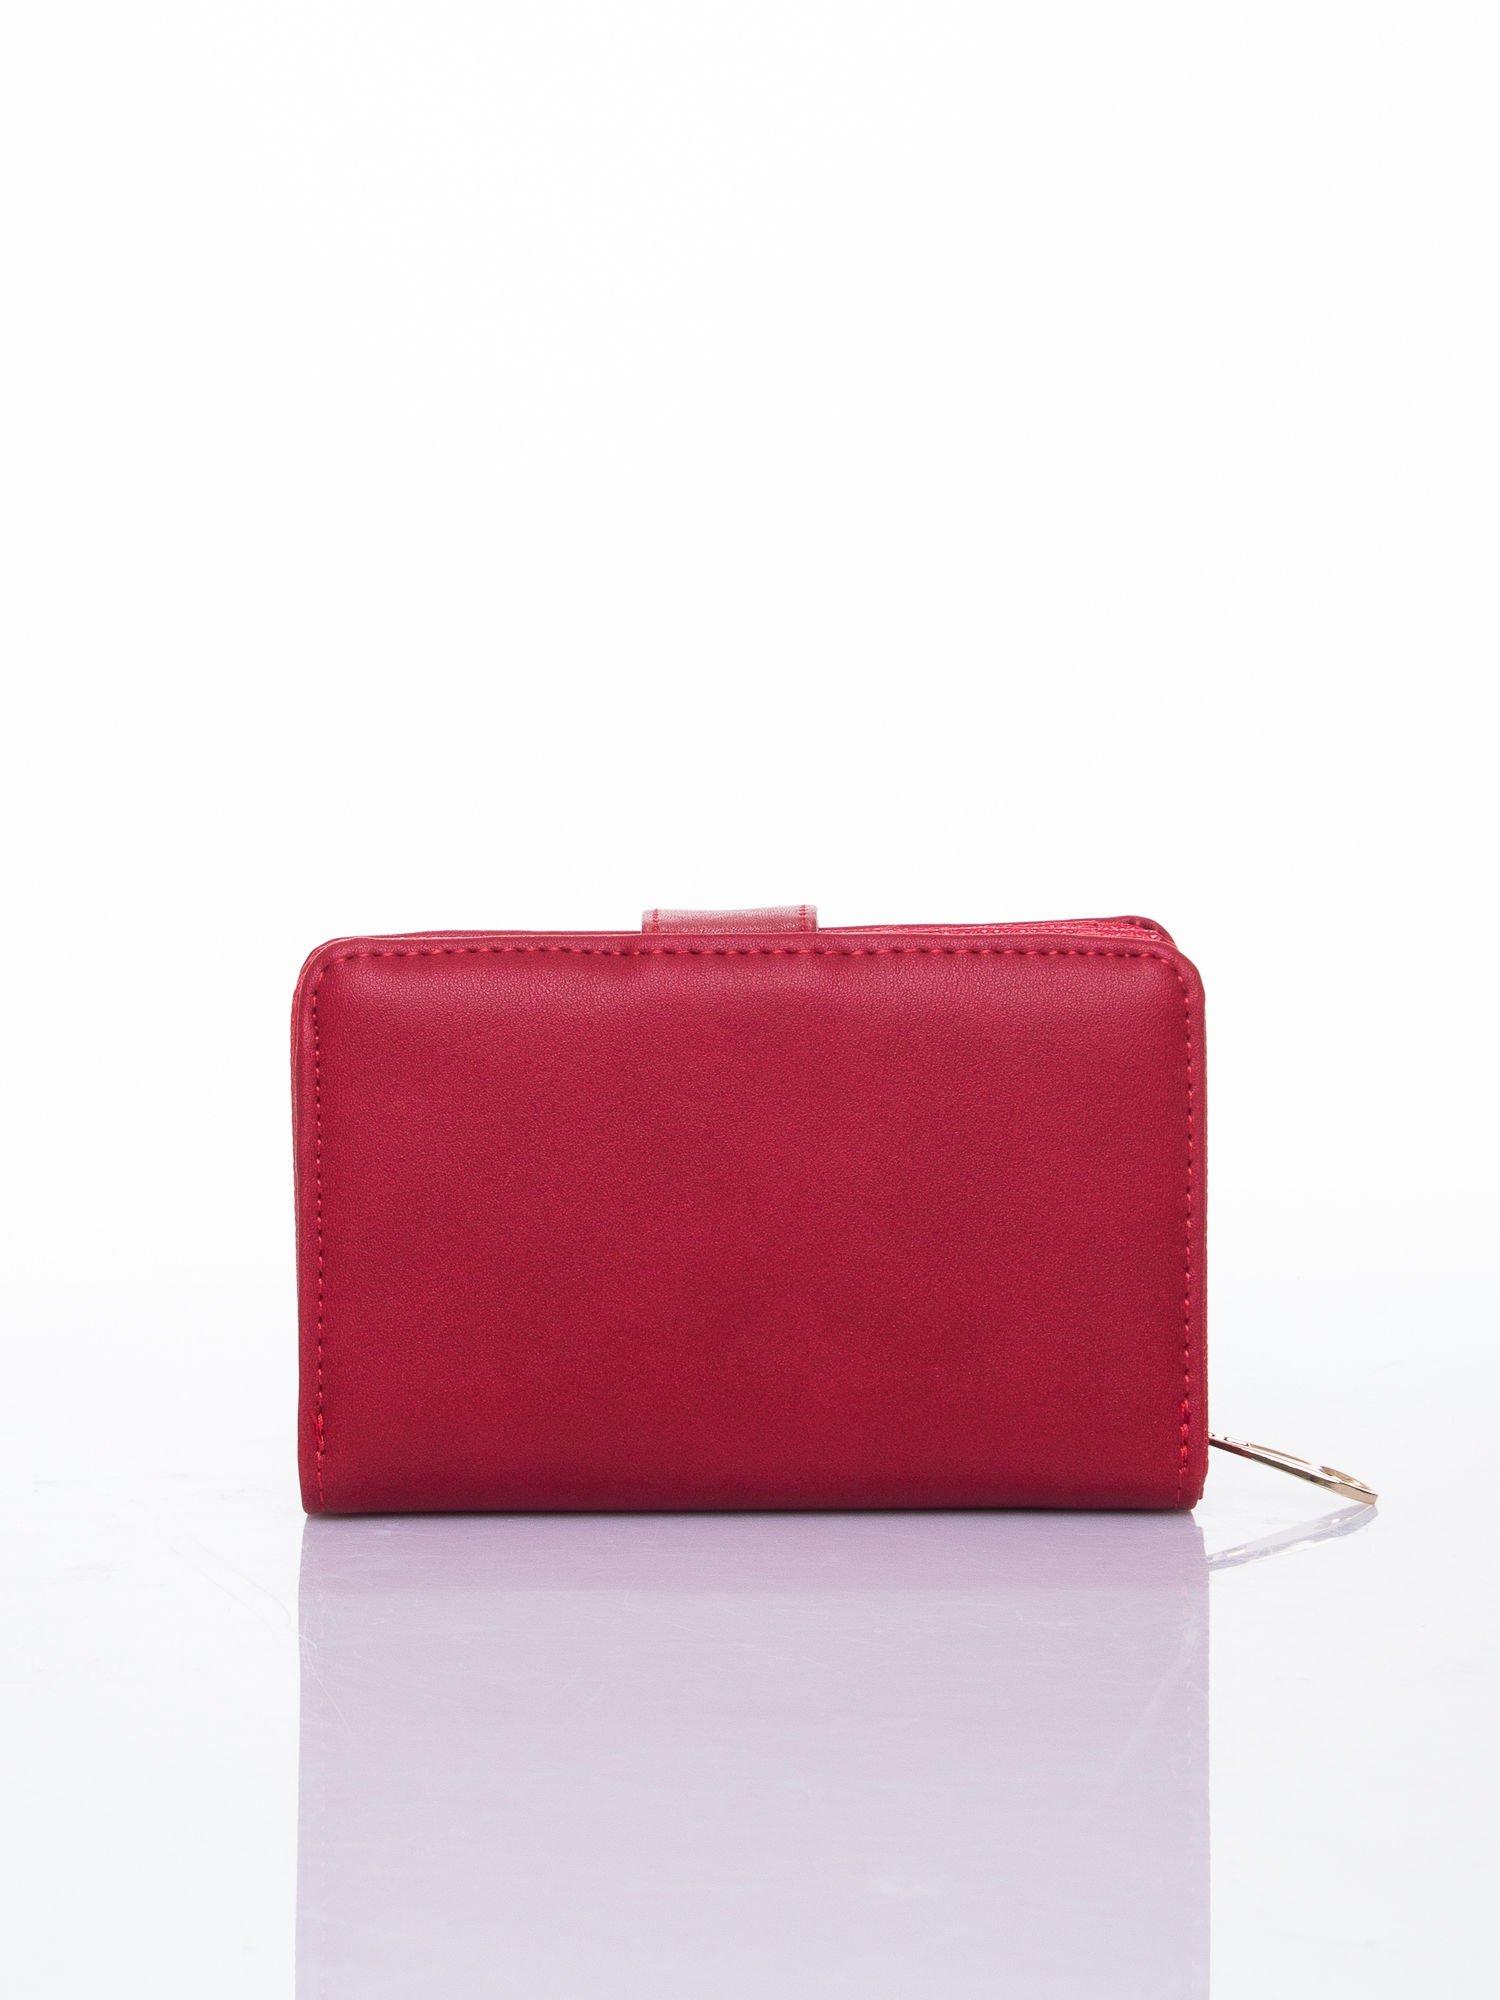 Czerwony portfel z zatrzaskiem                                  zdj.                                  2